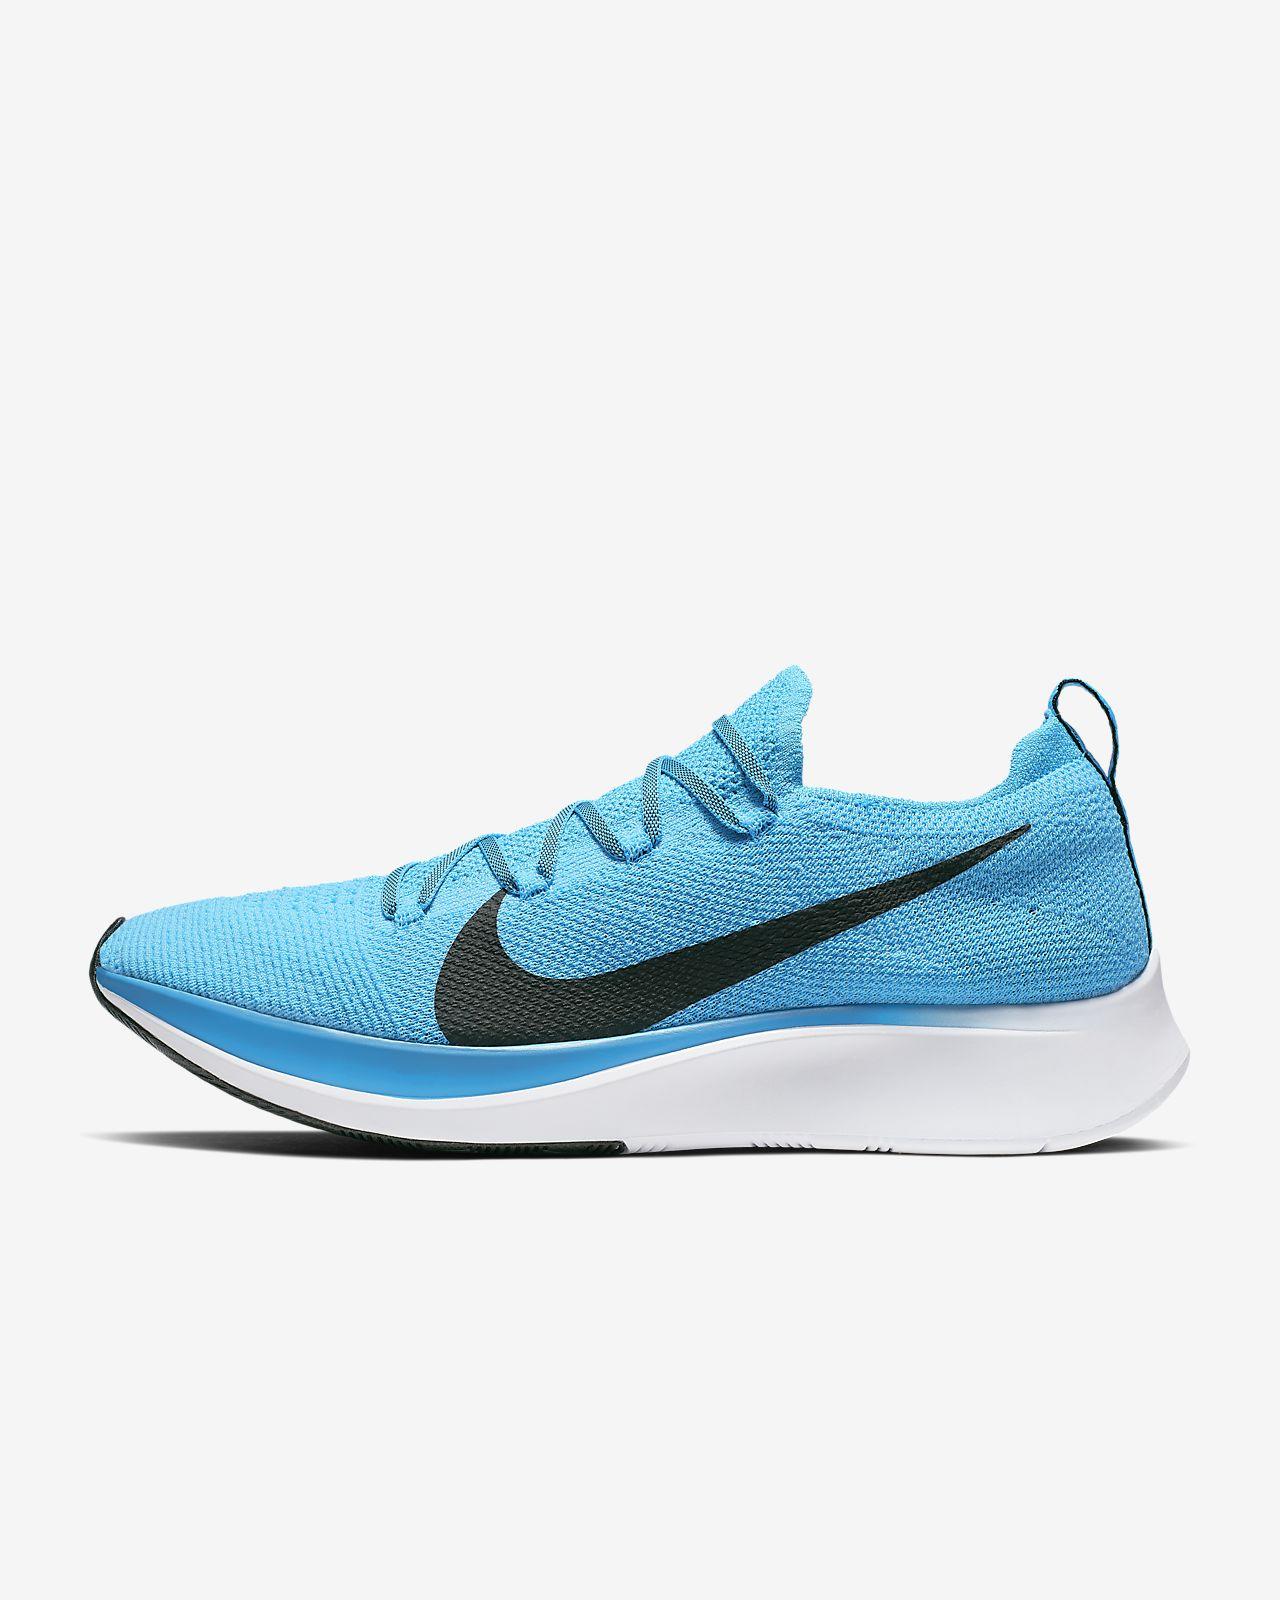 ee9acf978595 Nike Zoom Fly Flyknit Zapatillas de running - Hombre. Nike.com ES